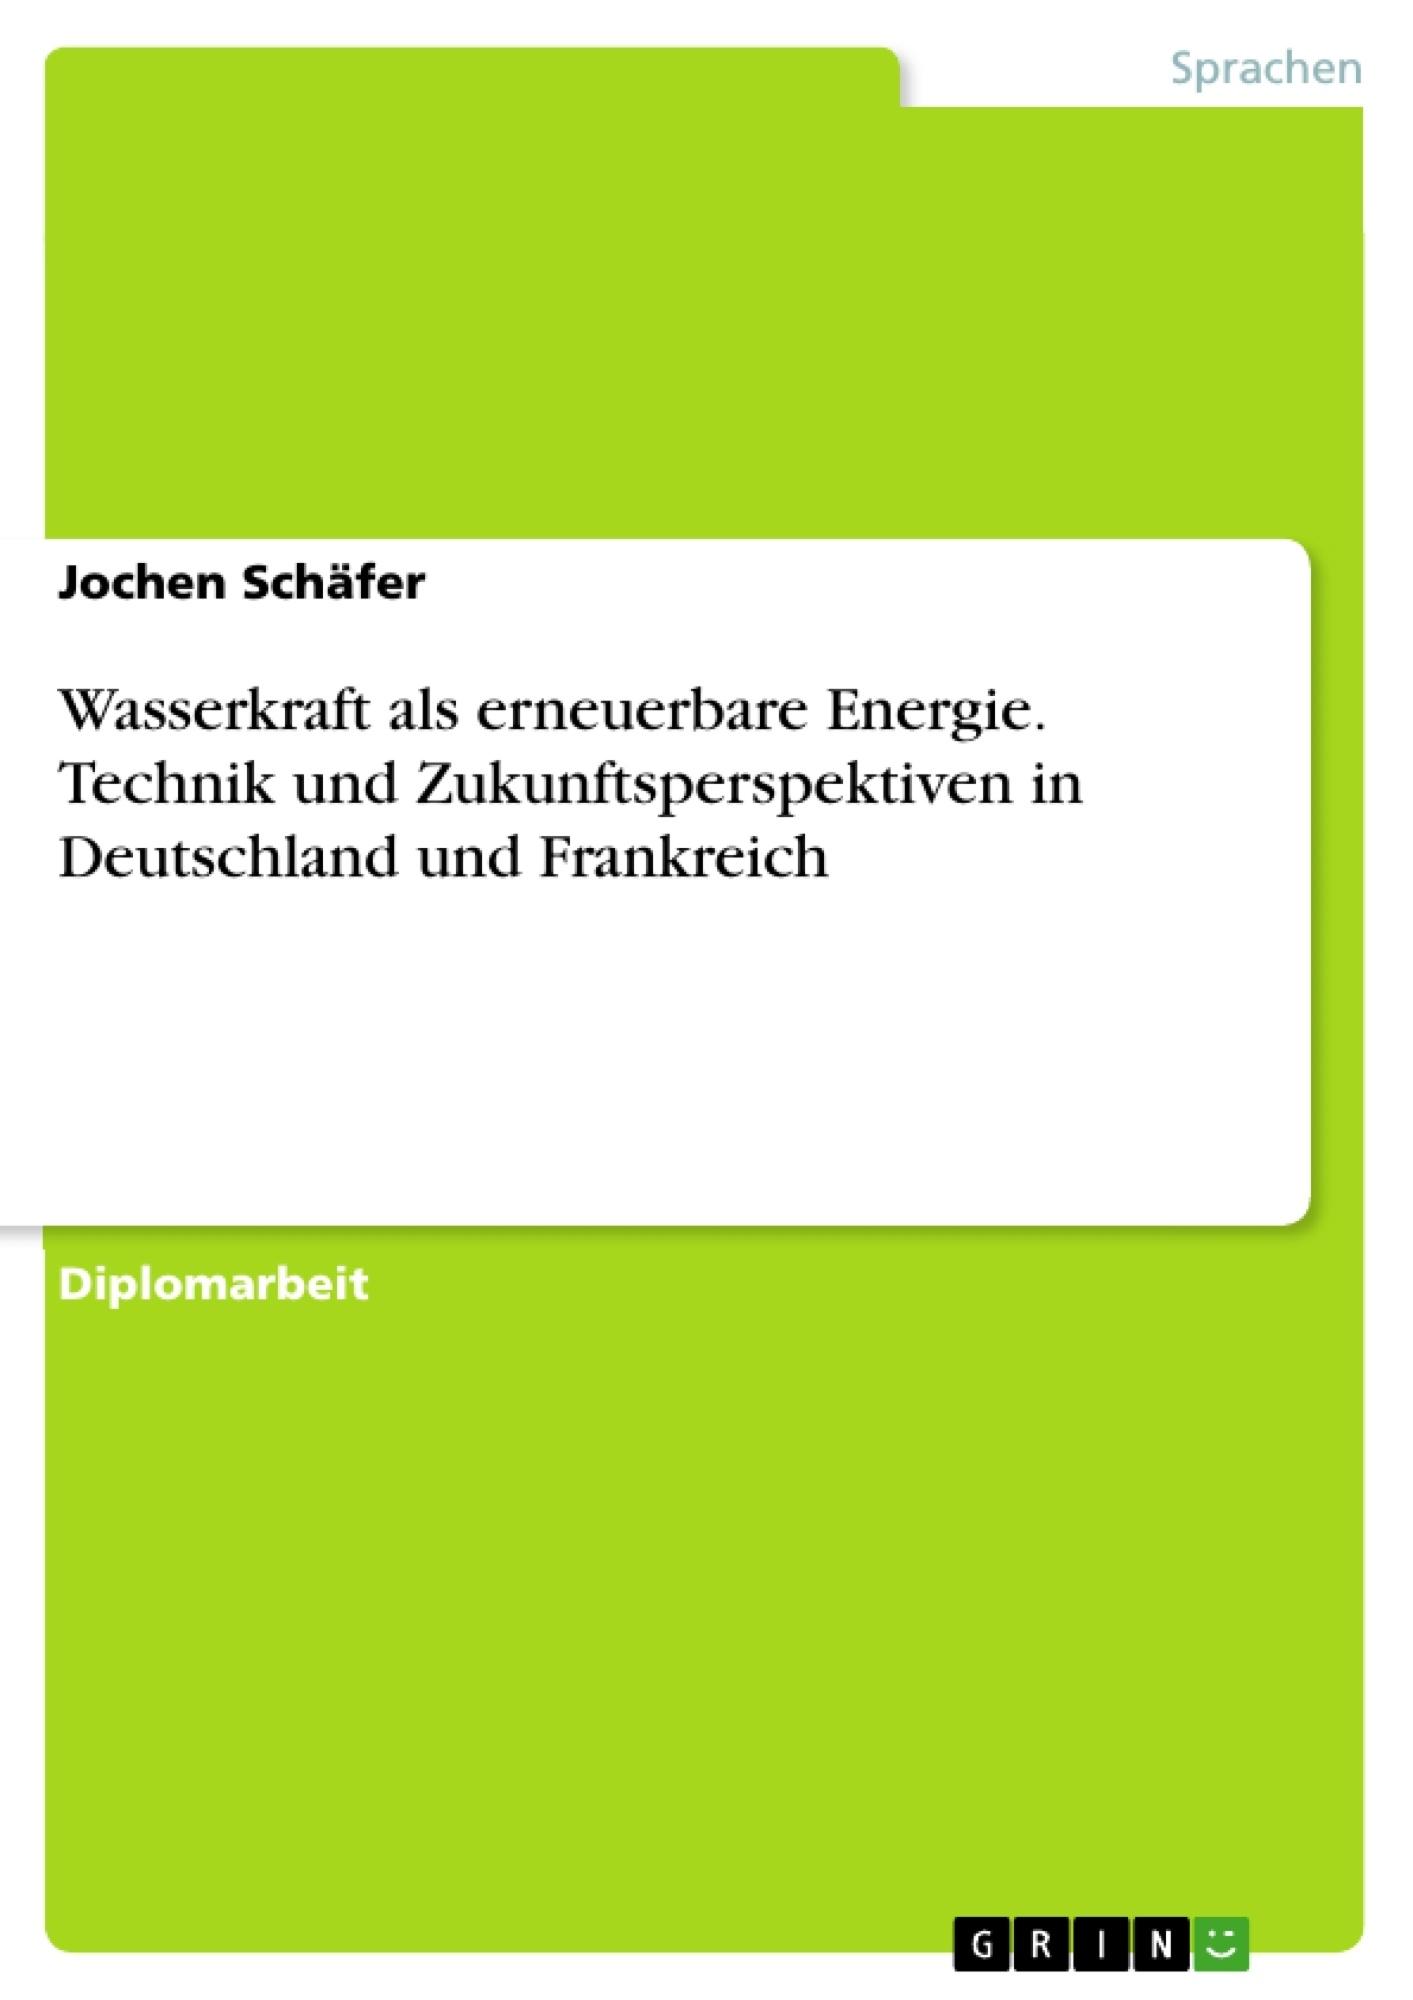 Titel: Wasserkraft als erneuerbare Energie. Technik und Zukunftsperspektiven in Deutschland und Frankreich